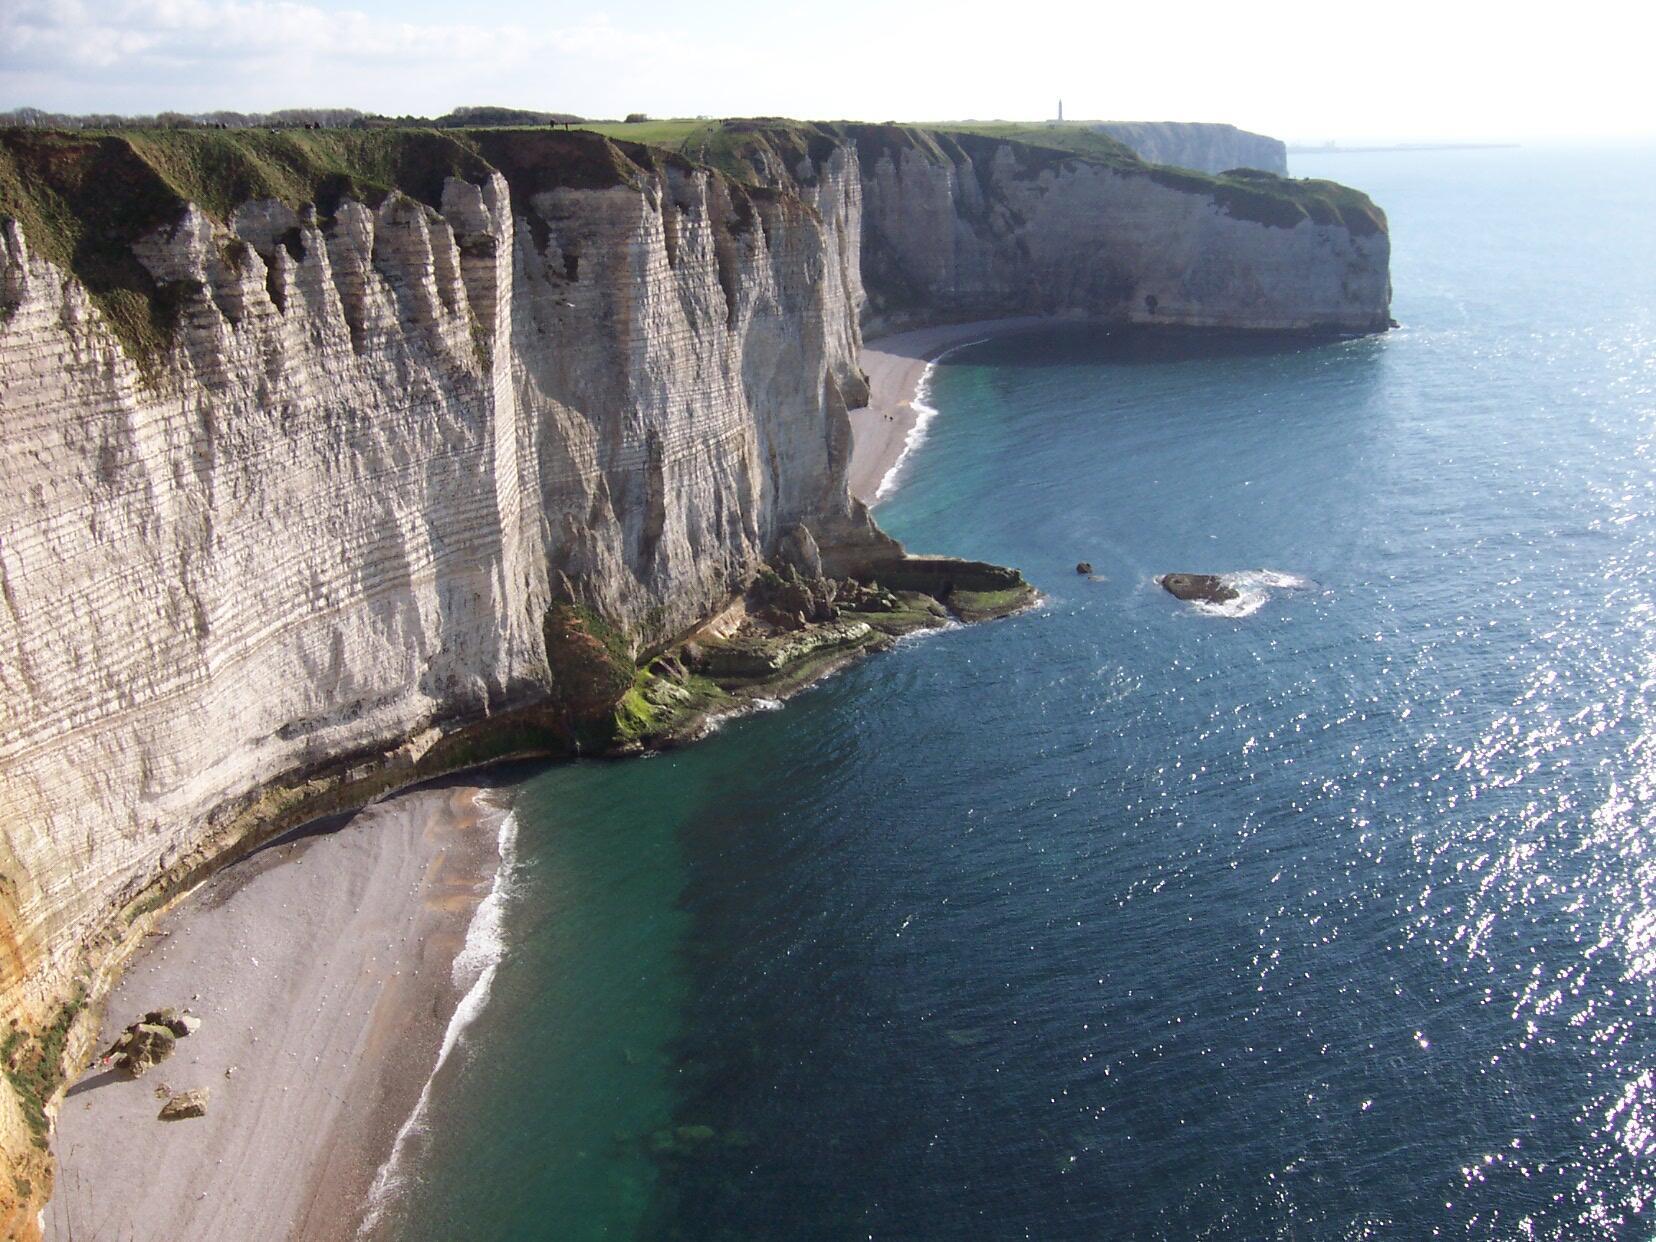 Los famosos acantilados de Etretat, en la costa noroeste de Francia.